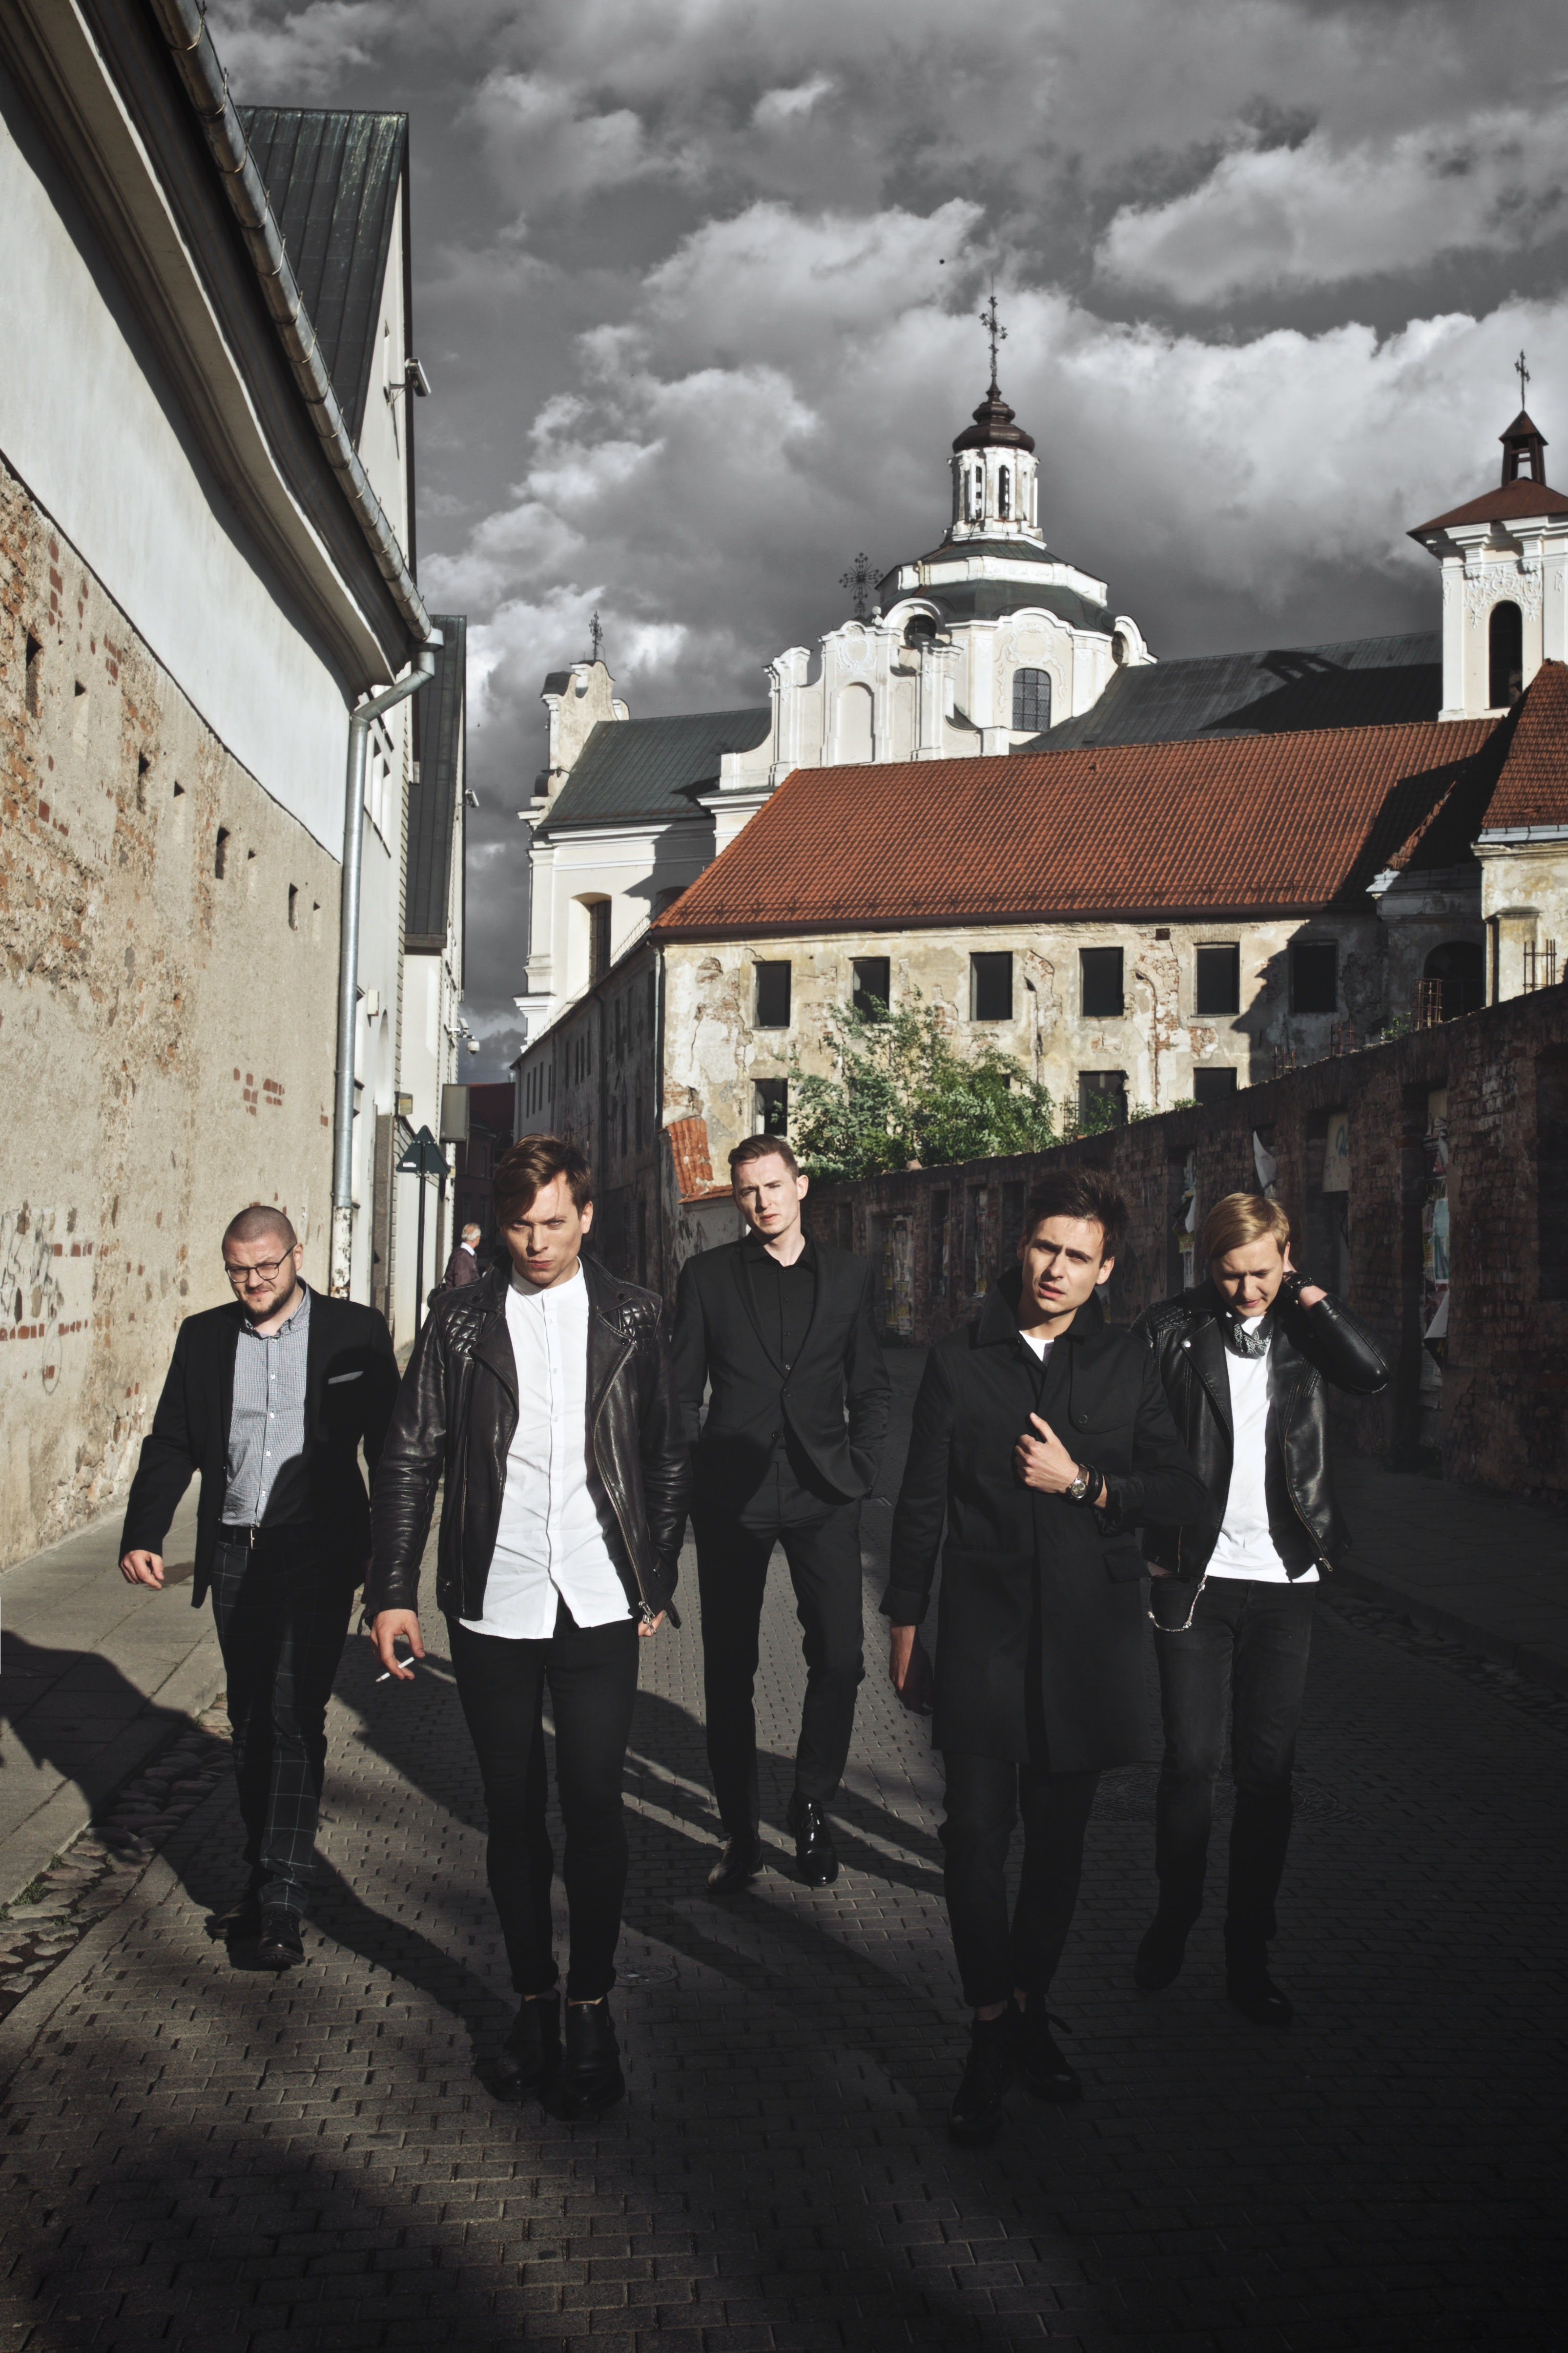 Colours of Bubbles: Koncertas Trakų pilyje yra dar vienas puikus mūsų ilgo darbo rezultatas